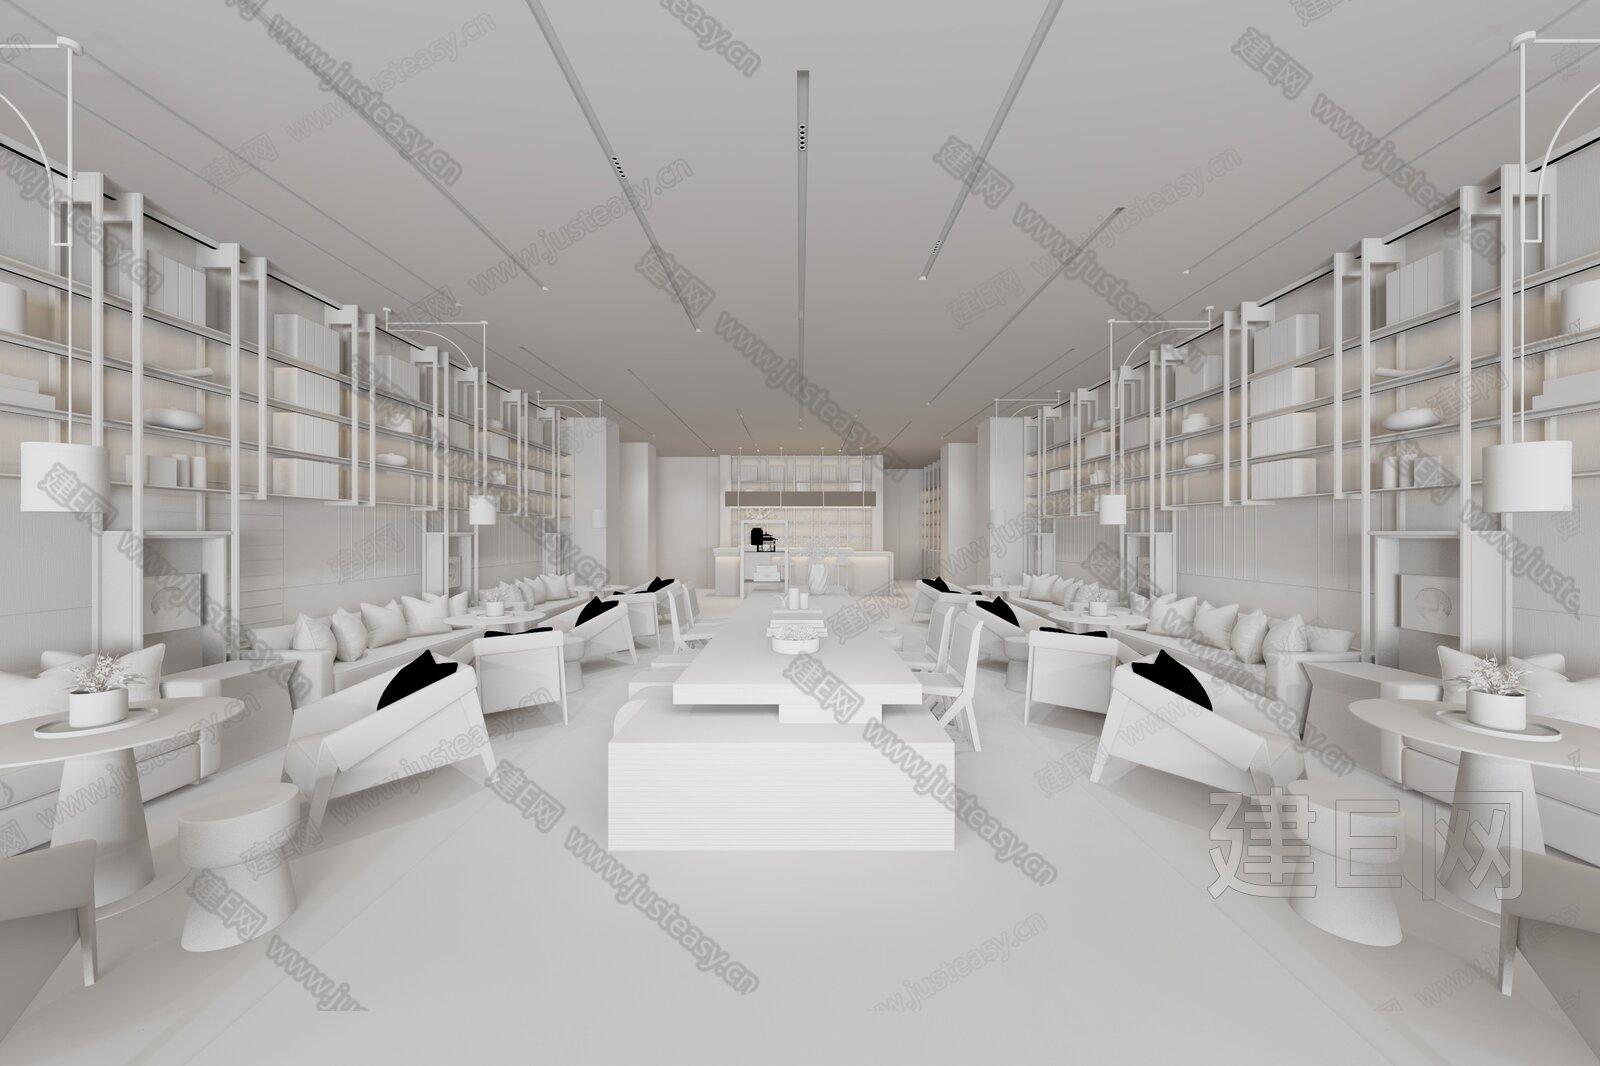 矩阵纵横 新中式售楼处接待区3d模型